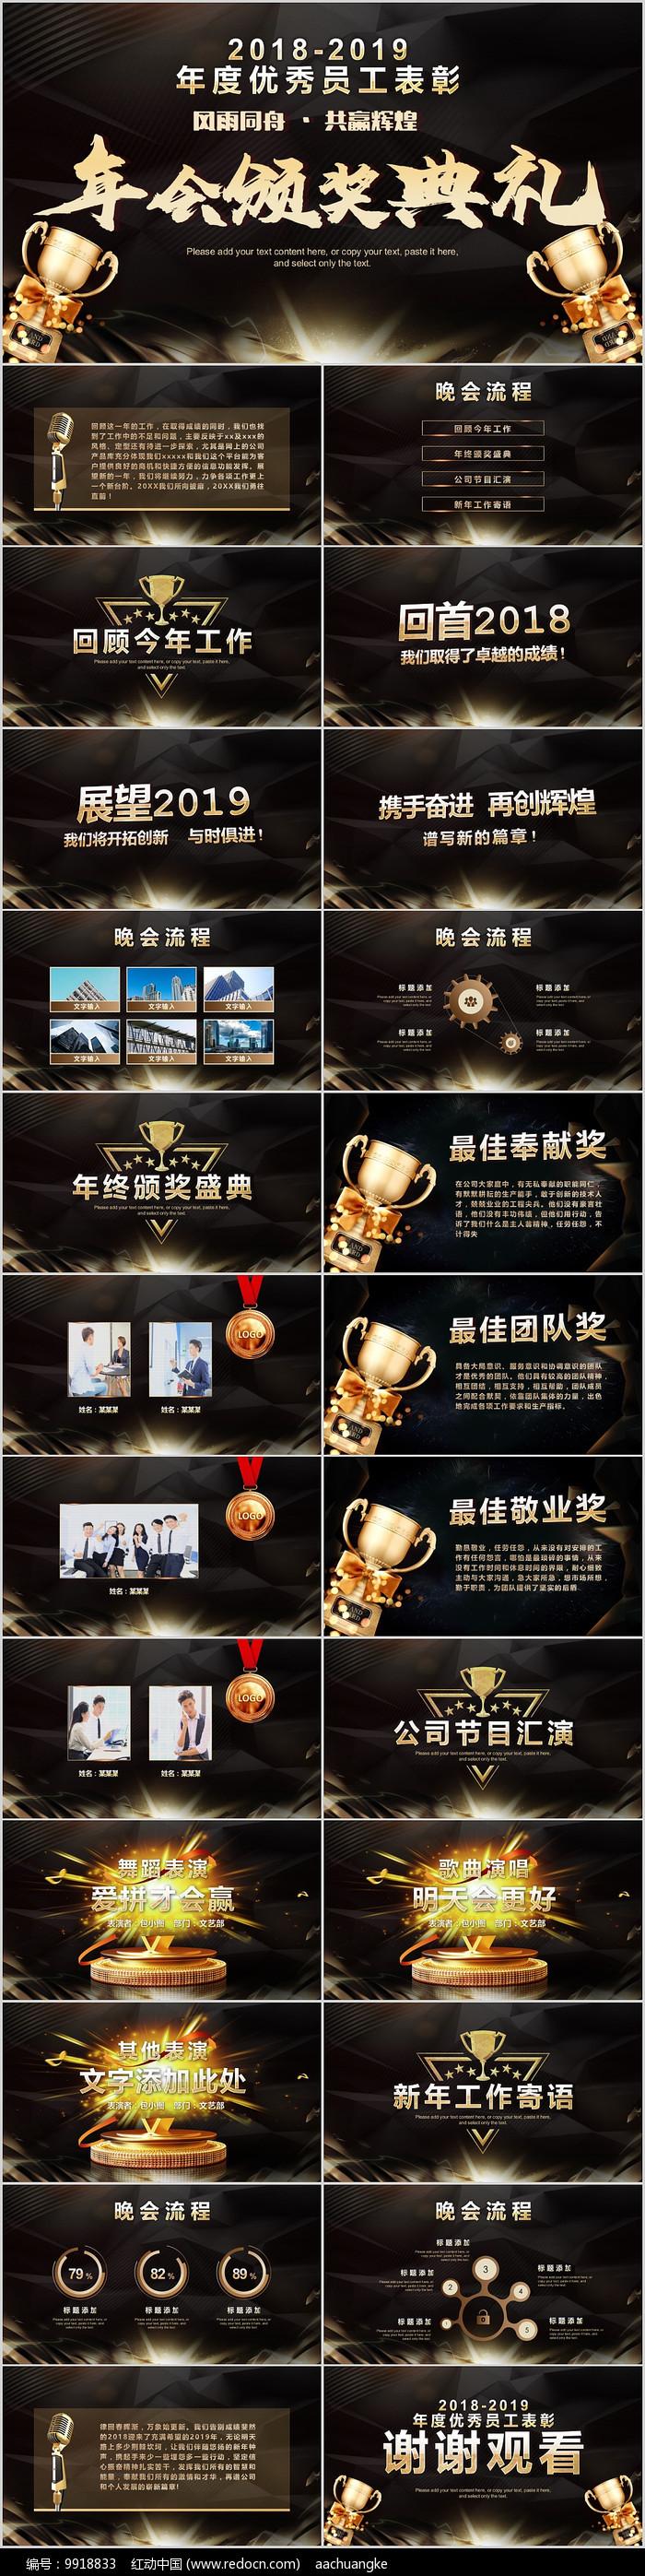 企业年终颁奖典礼表彰大会颁奖PPT图片